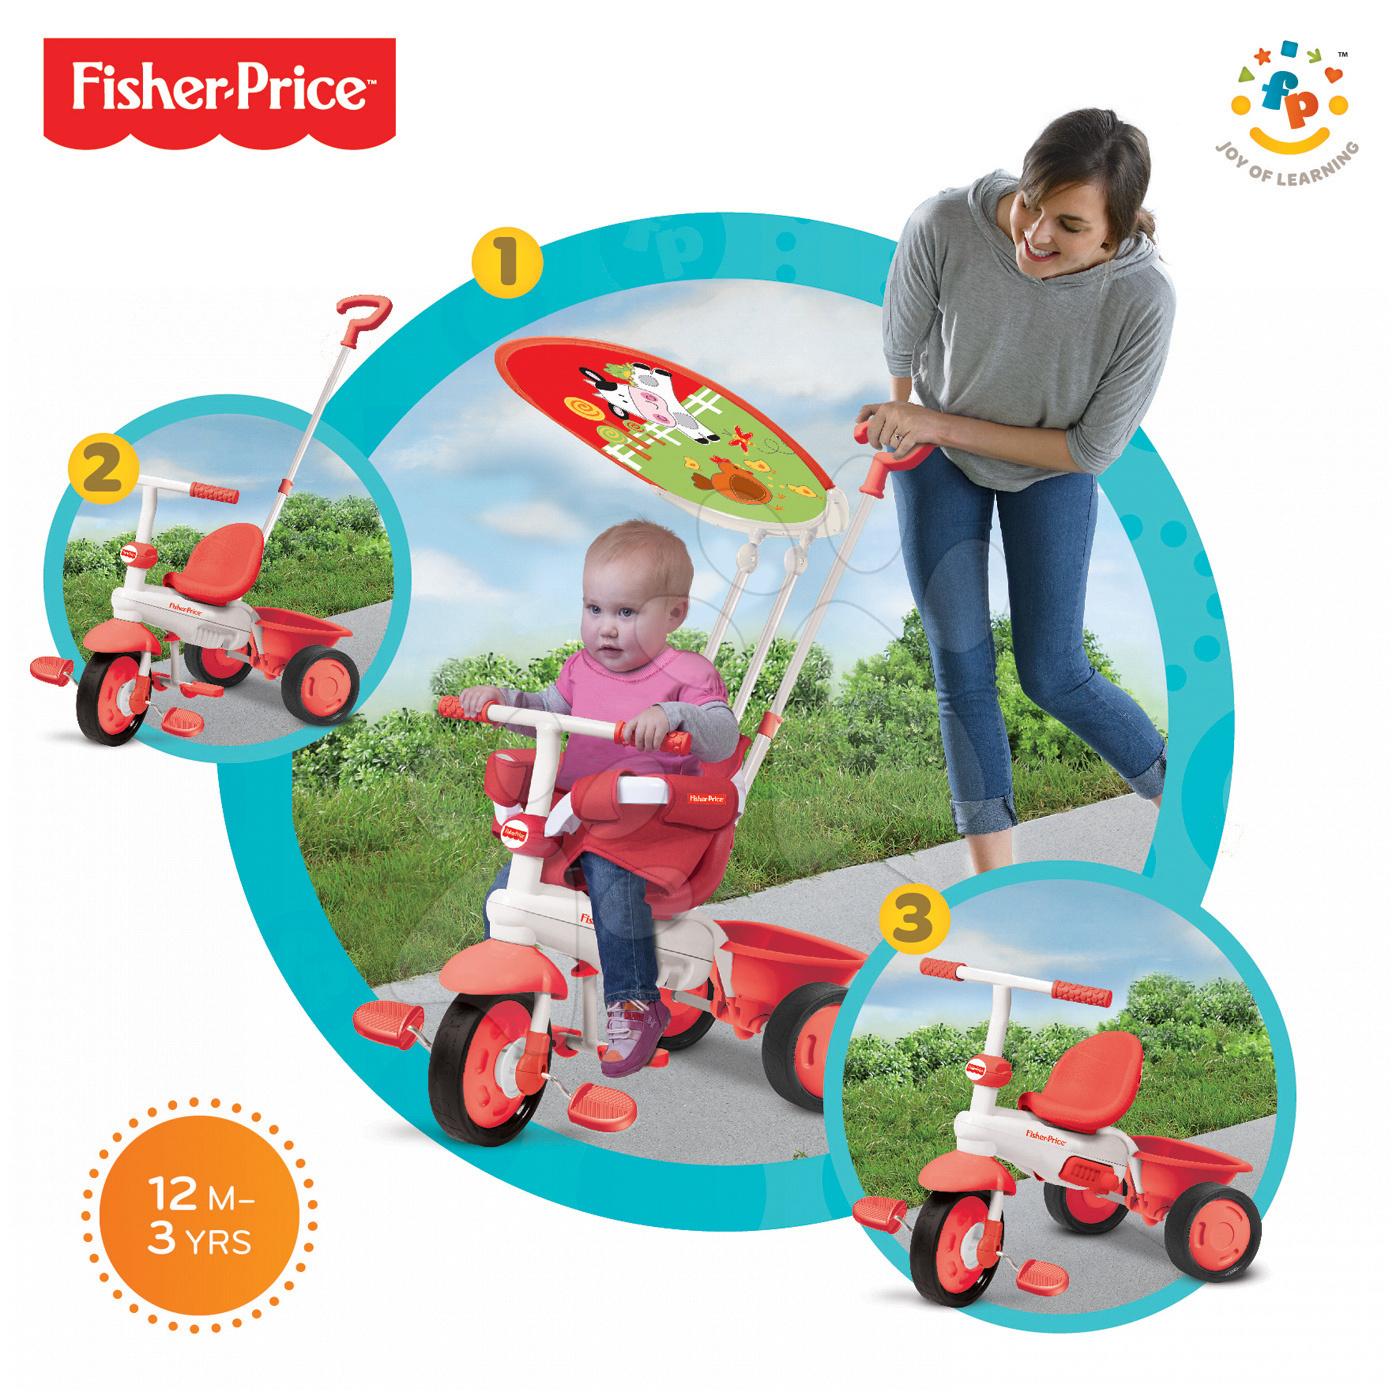 Tříkolka Fisher-Price Classic Plus smarTrike červená od 10 měsíců